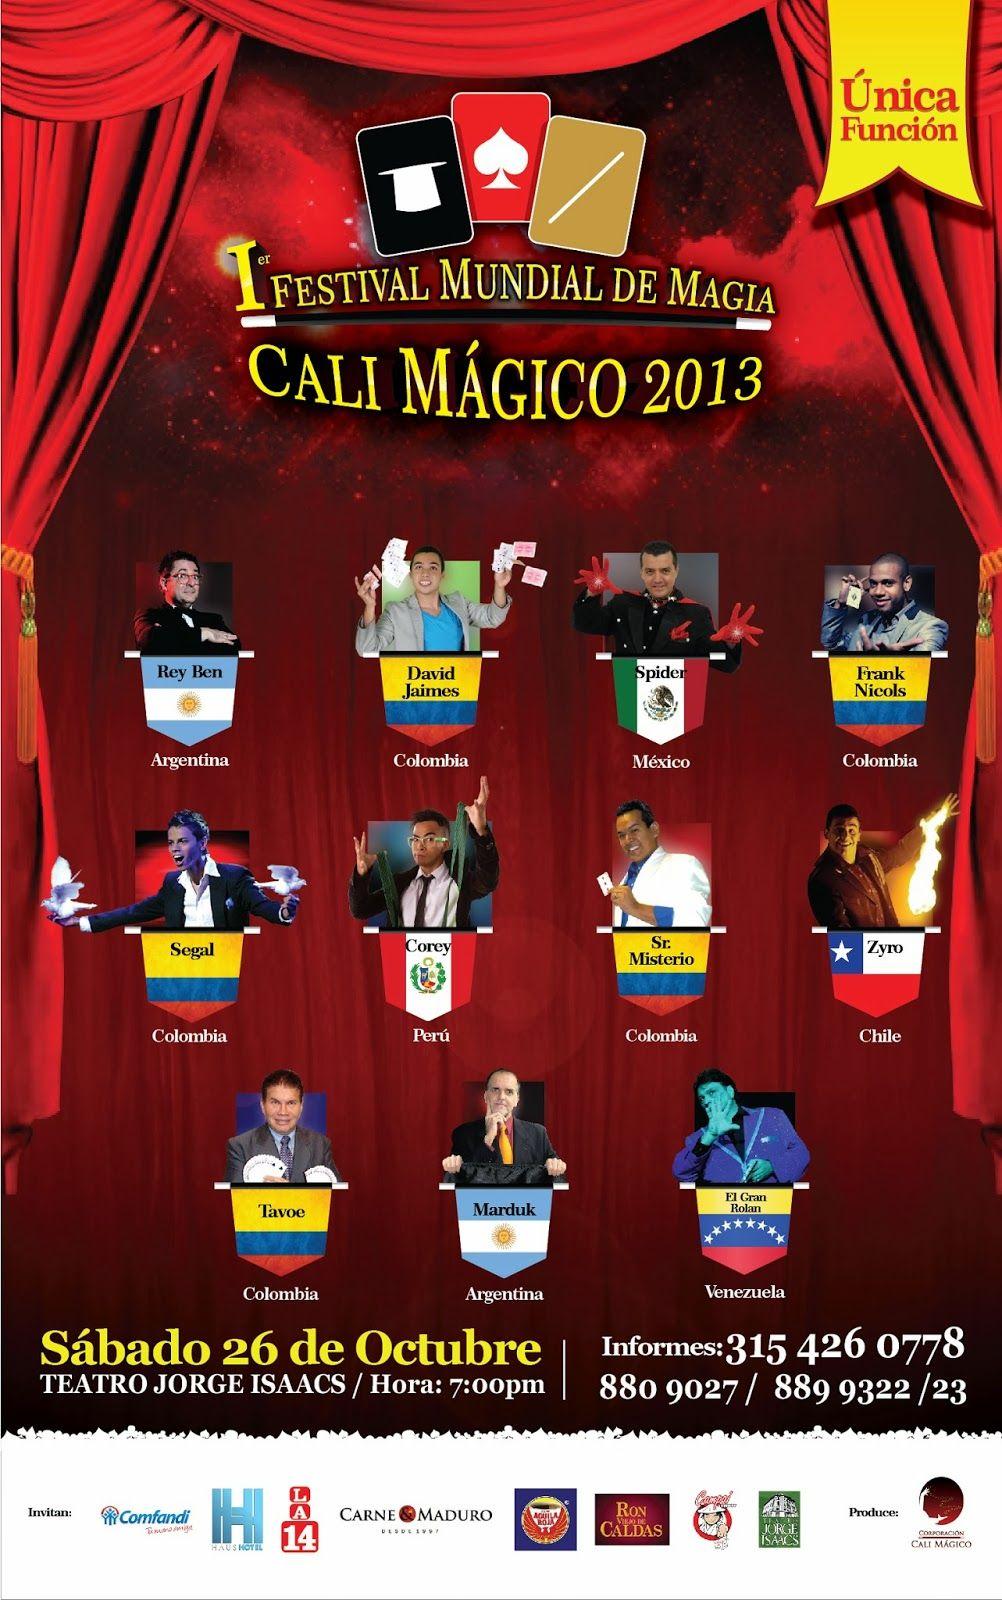 Festival Mundial De Magia Cali Magico 2013 Cali Festival Magico